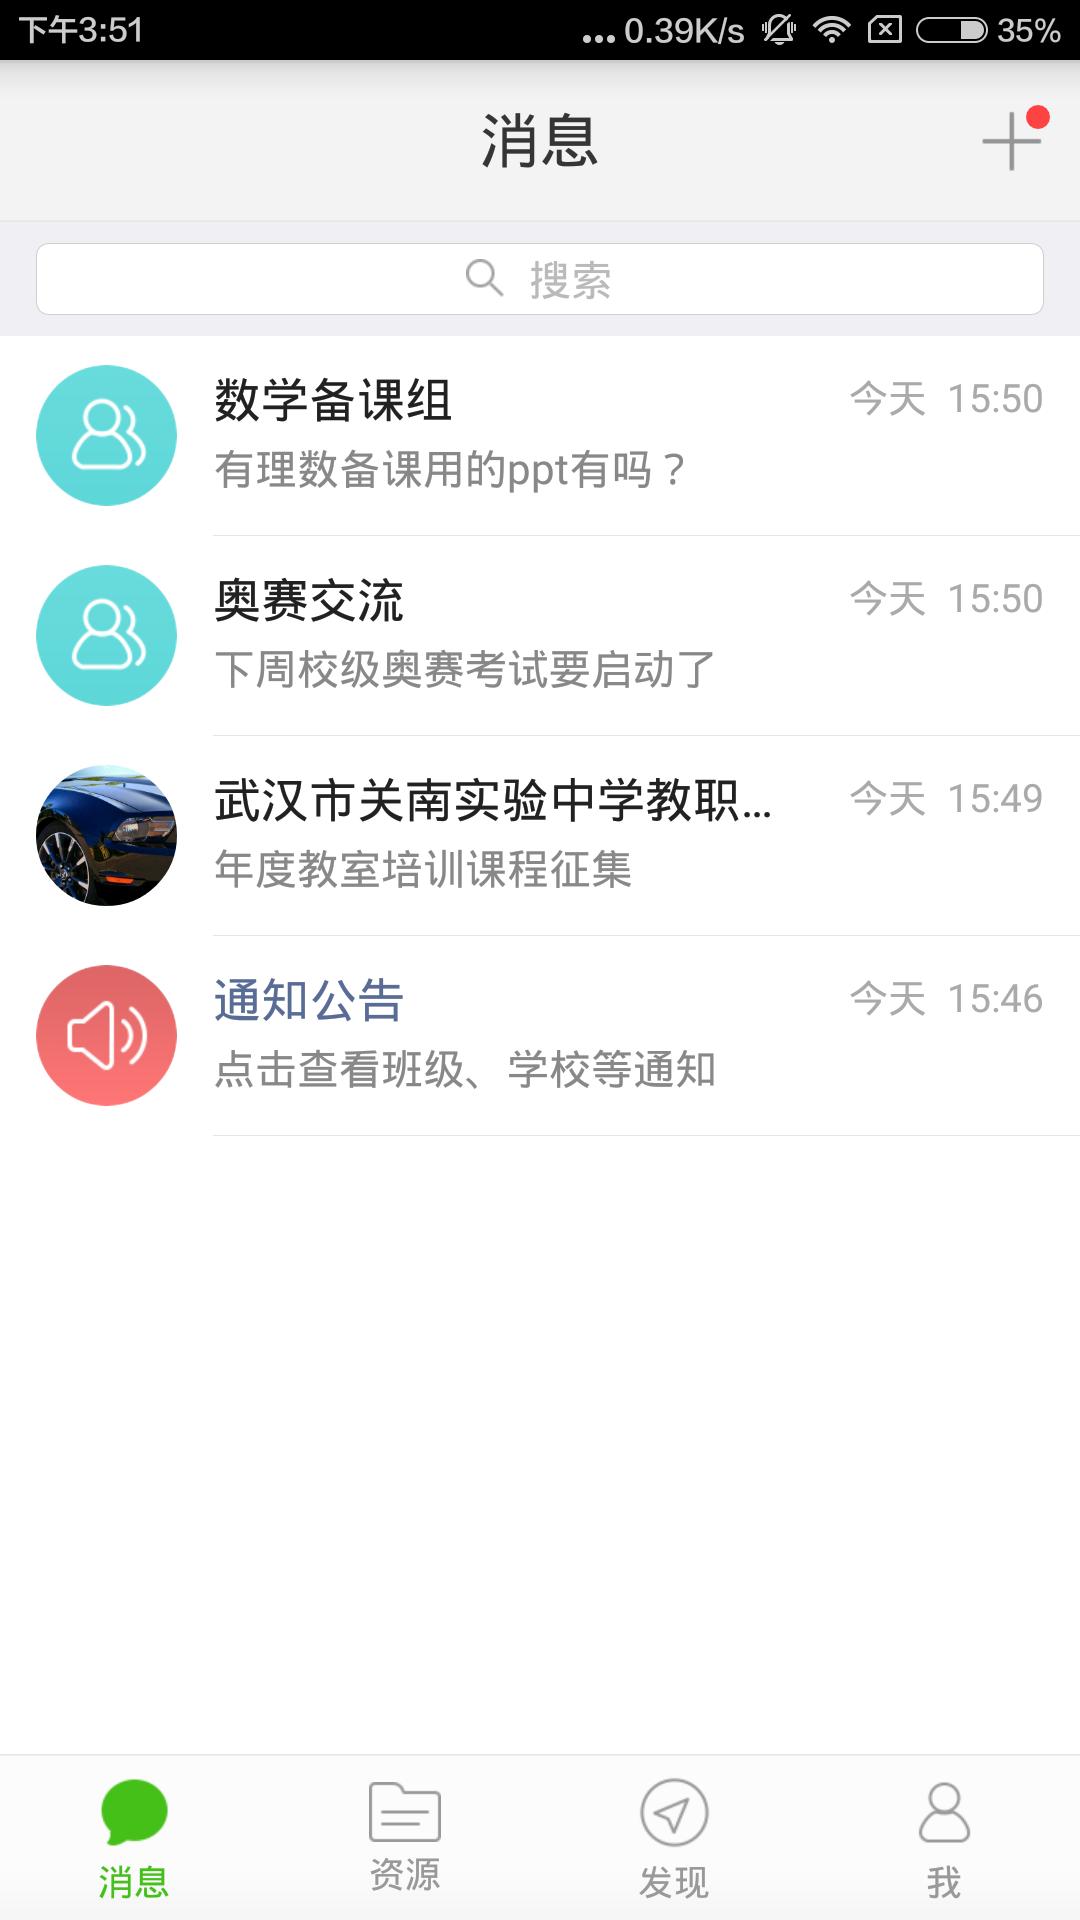 抚顺教育网教育云平台官方入口  v1.0图1